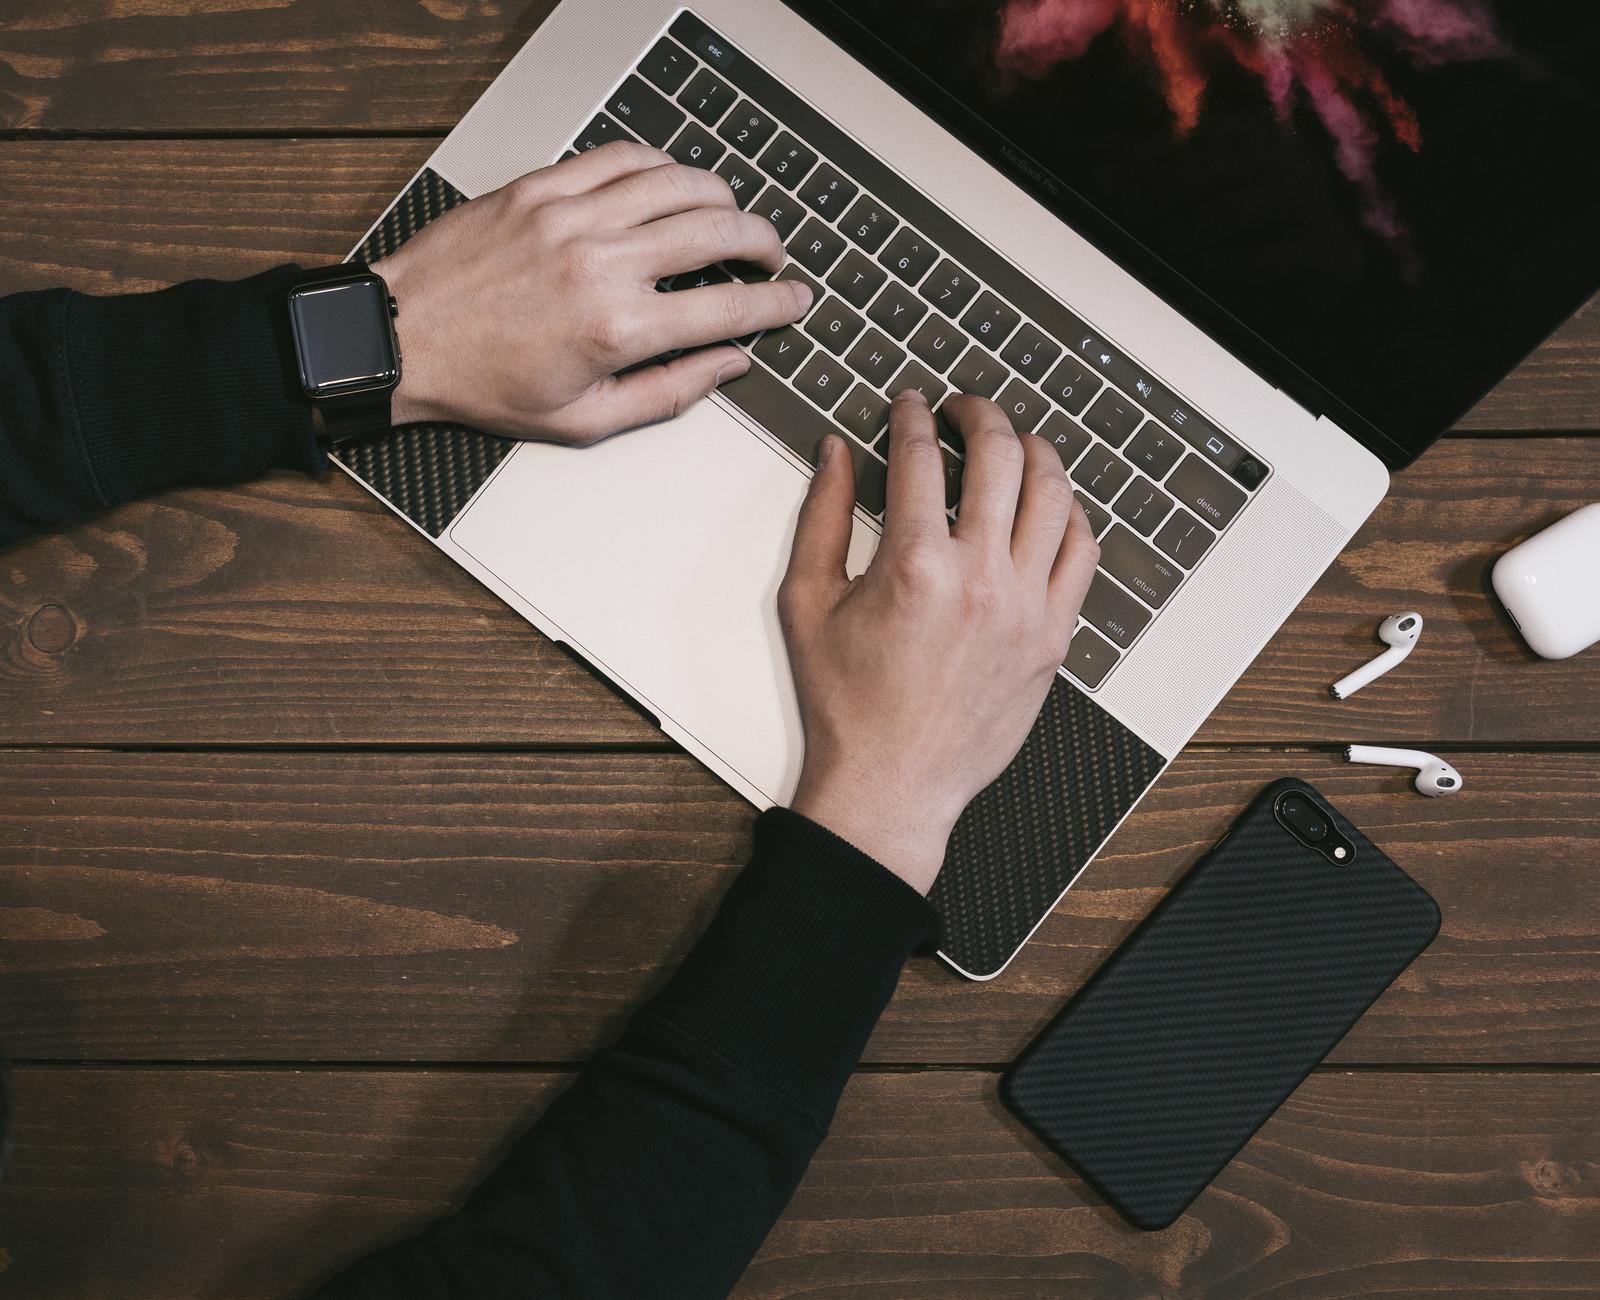 人事に聞いた中途採用での書類選考の判断基準。転職を成功させるにはどこに気を付ければいい?